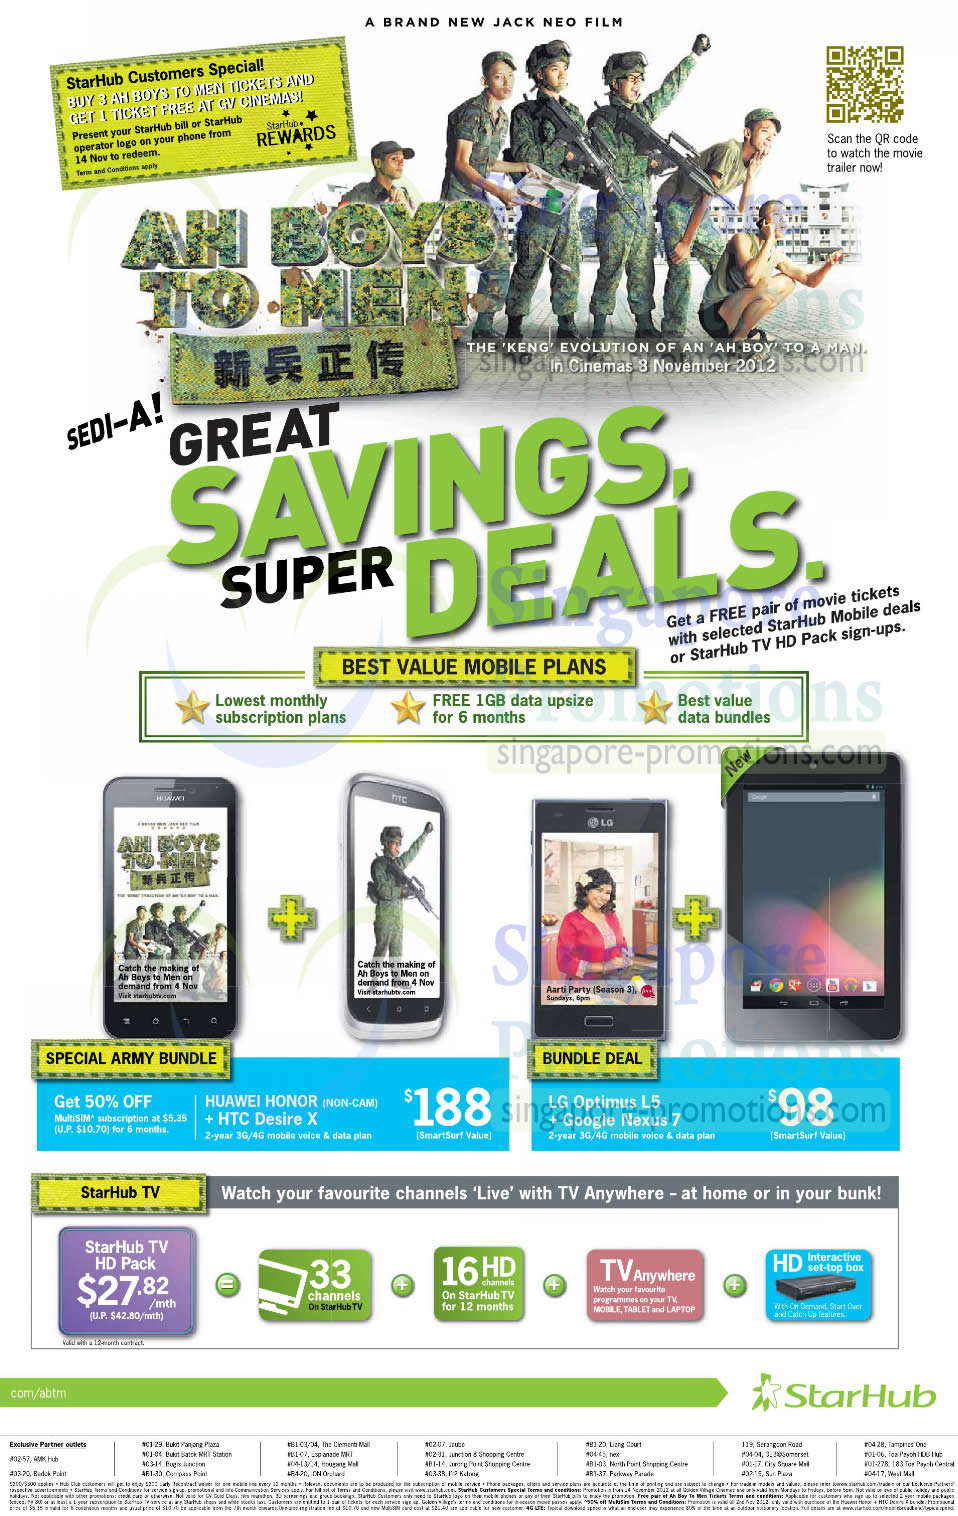 Army Bundle Huawei Honor n HTC Desire X, LG Optimus L5 n Google Nexus 7, Cable TV